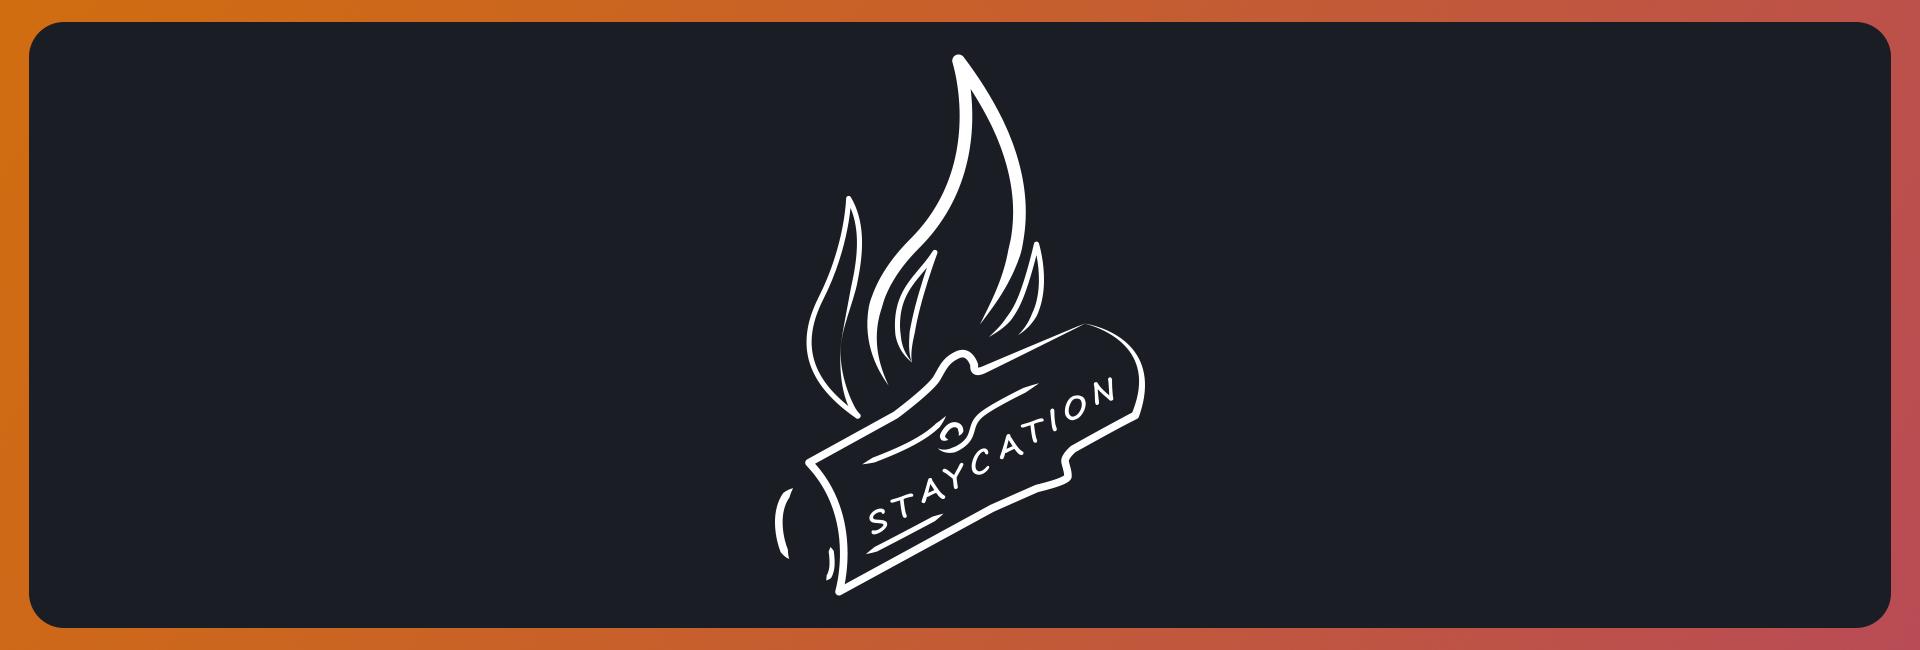 Staycation- Week 7